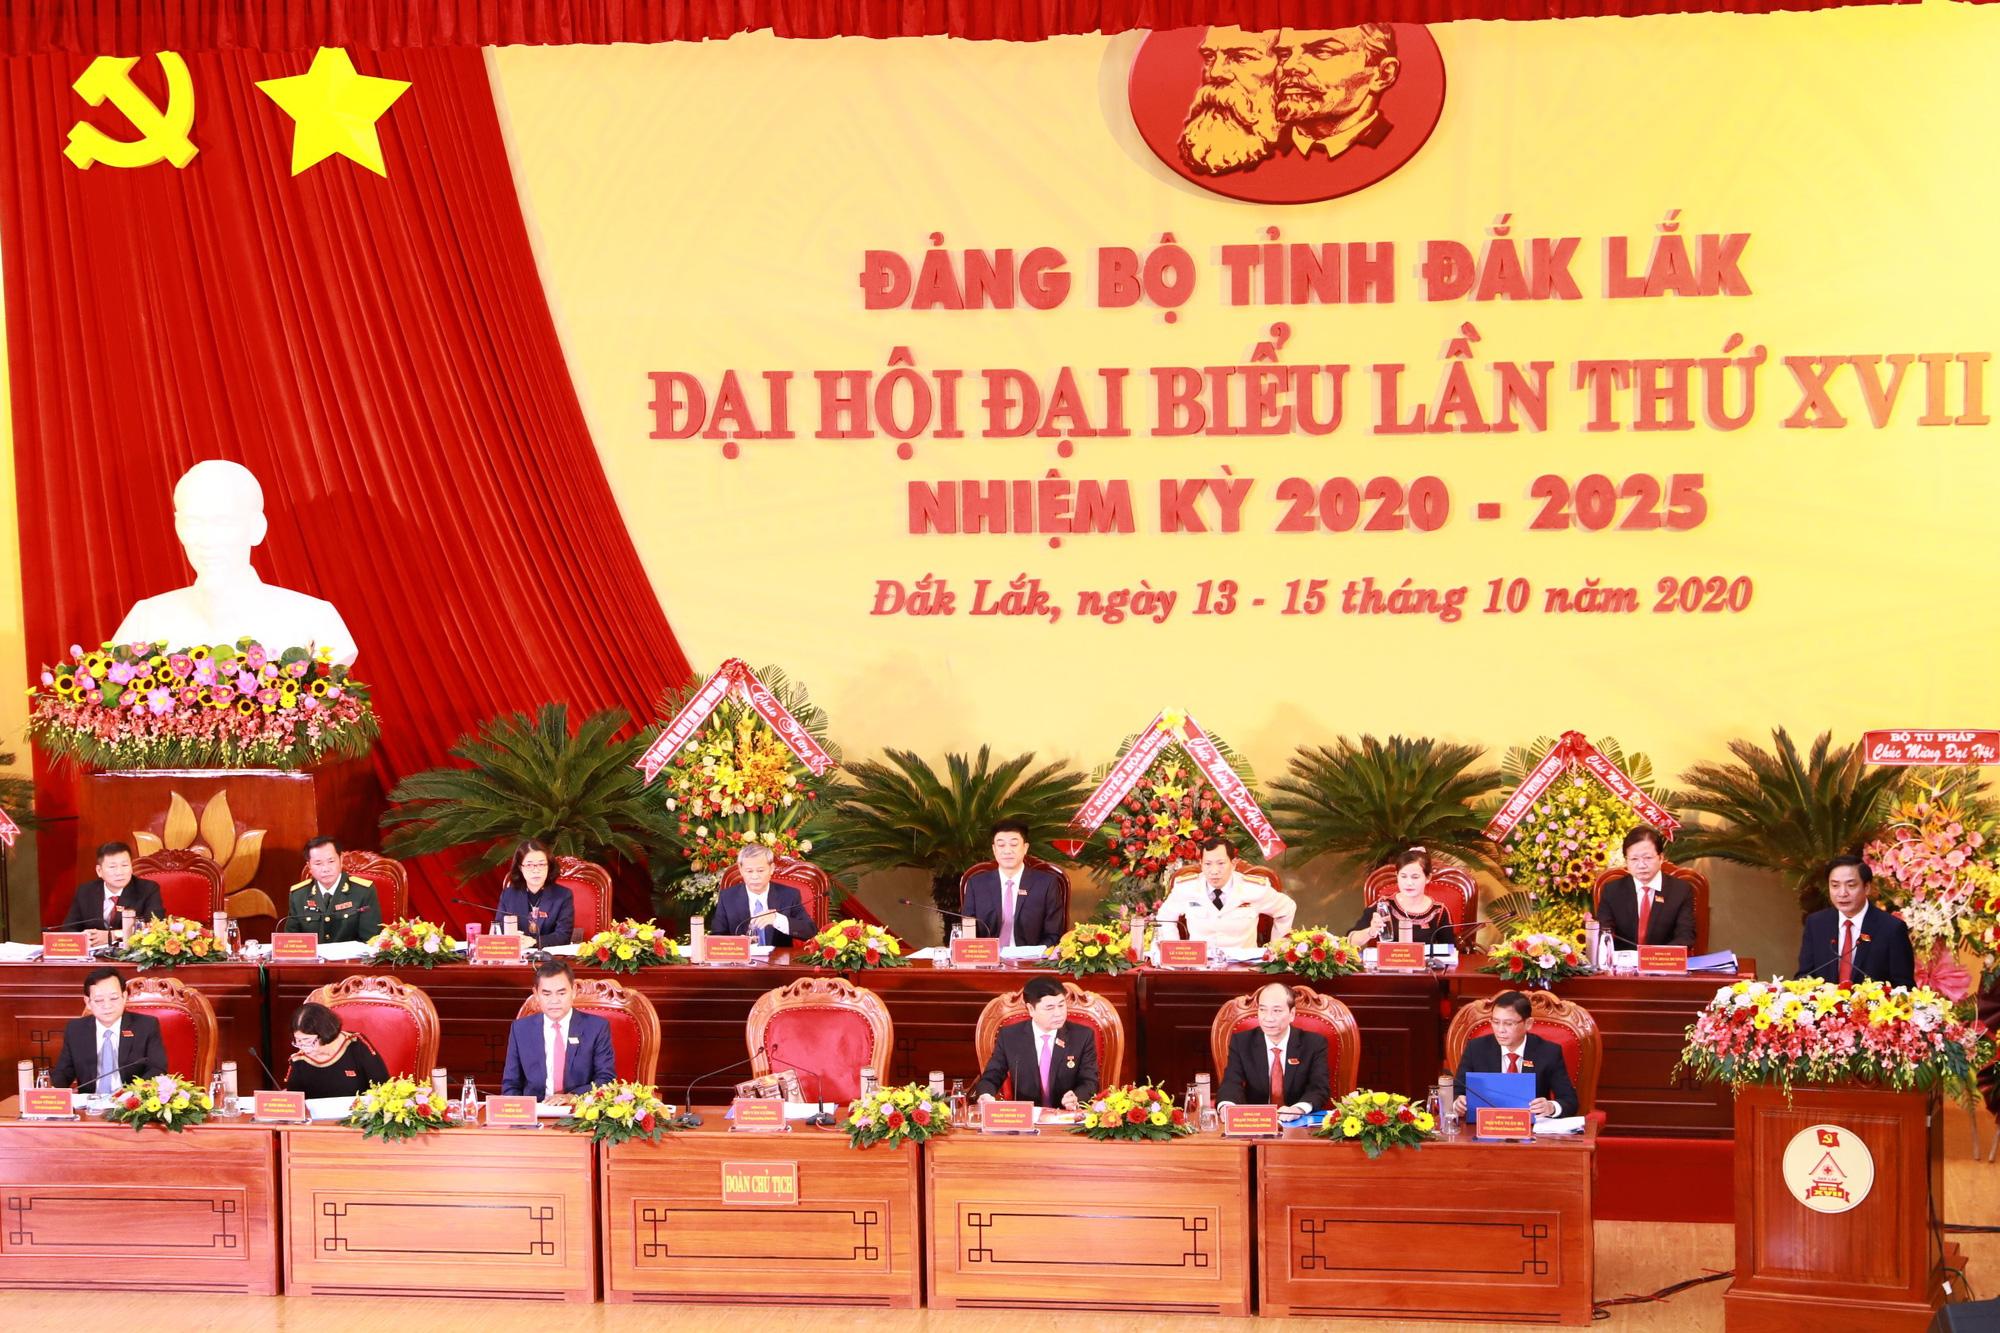 Tuyên truyền triển khai thực hiện Nghị quyết Đại hội đại biểu Đảng bộ tỉnh lần thứ XVII